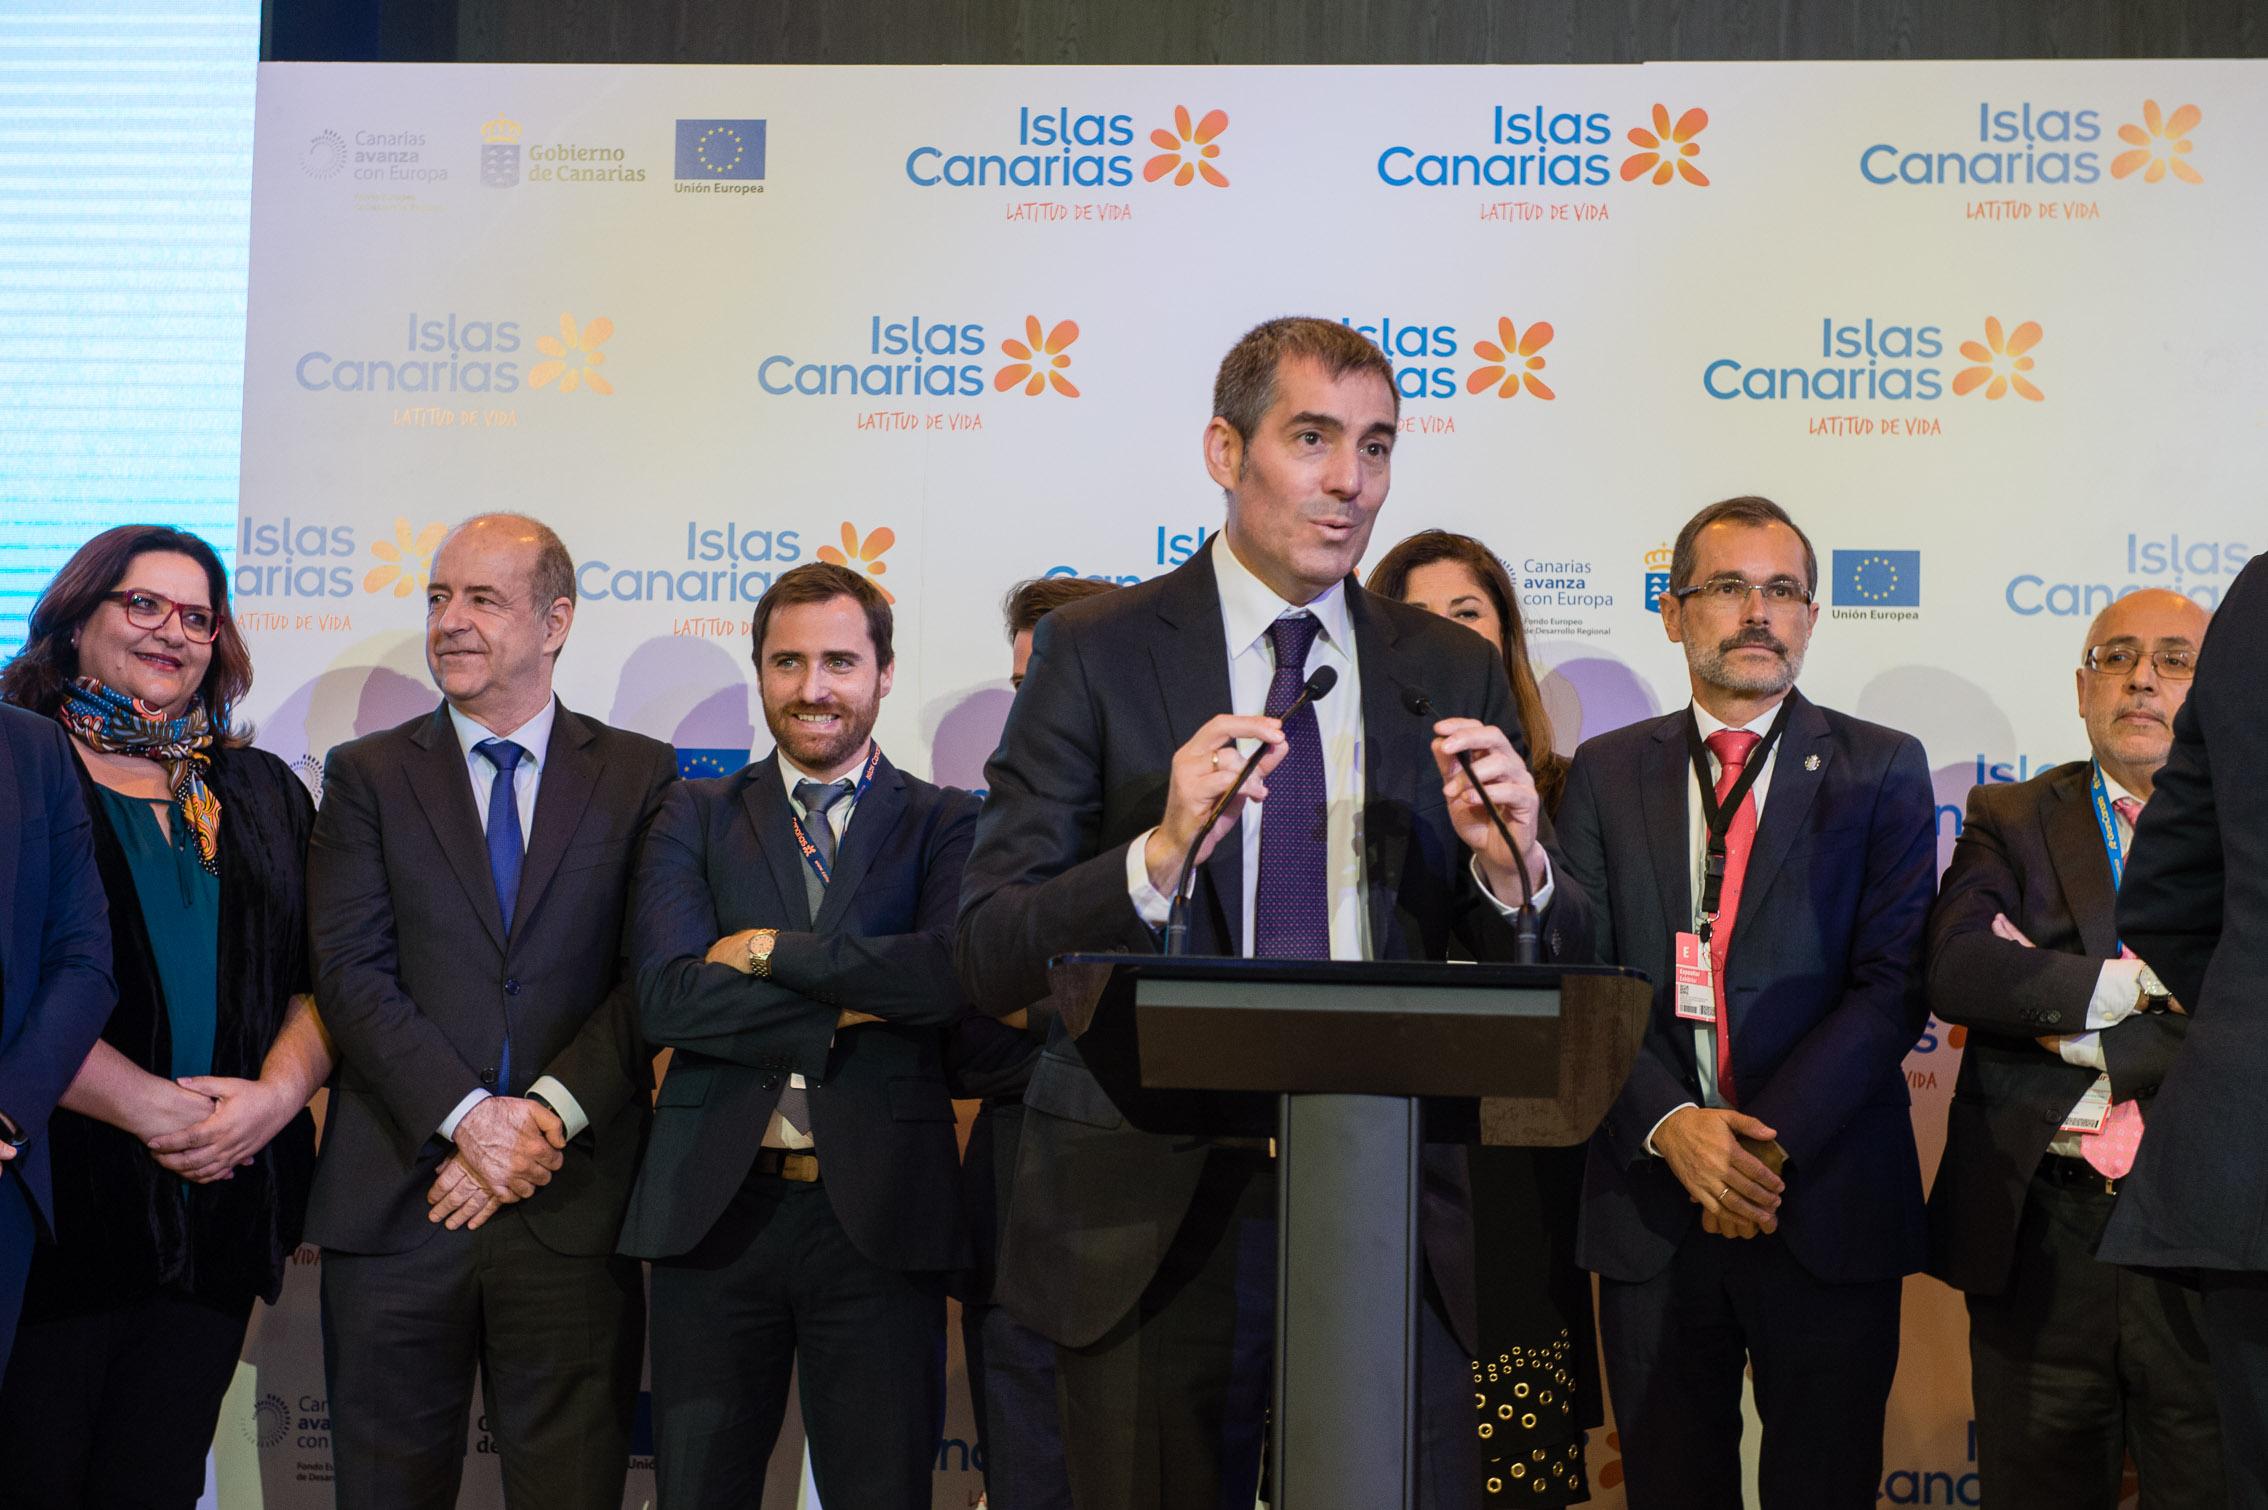 Inauguración del Pabellón de Canarias en FITUR 2018